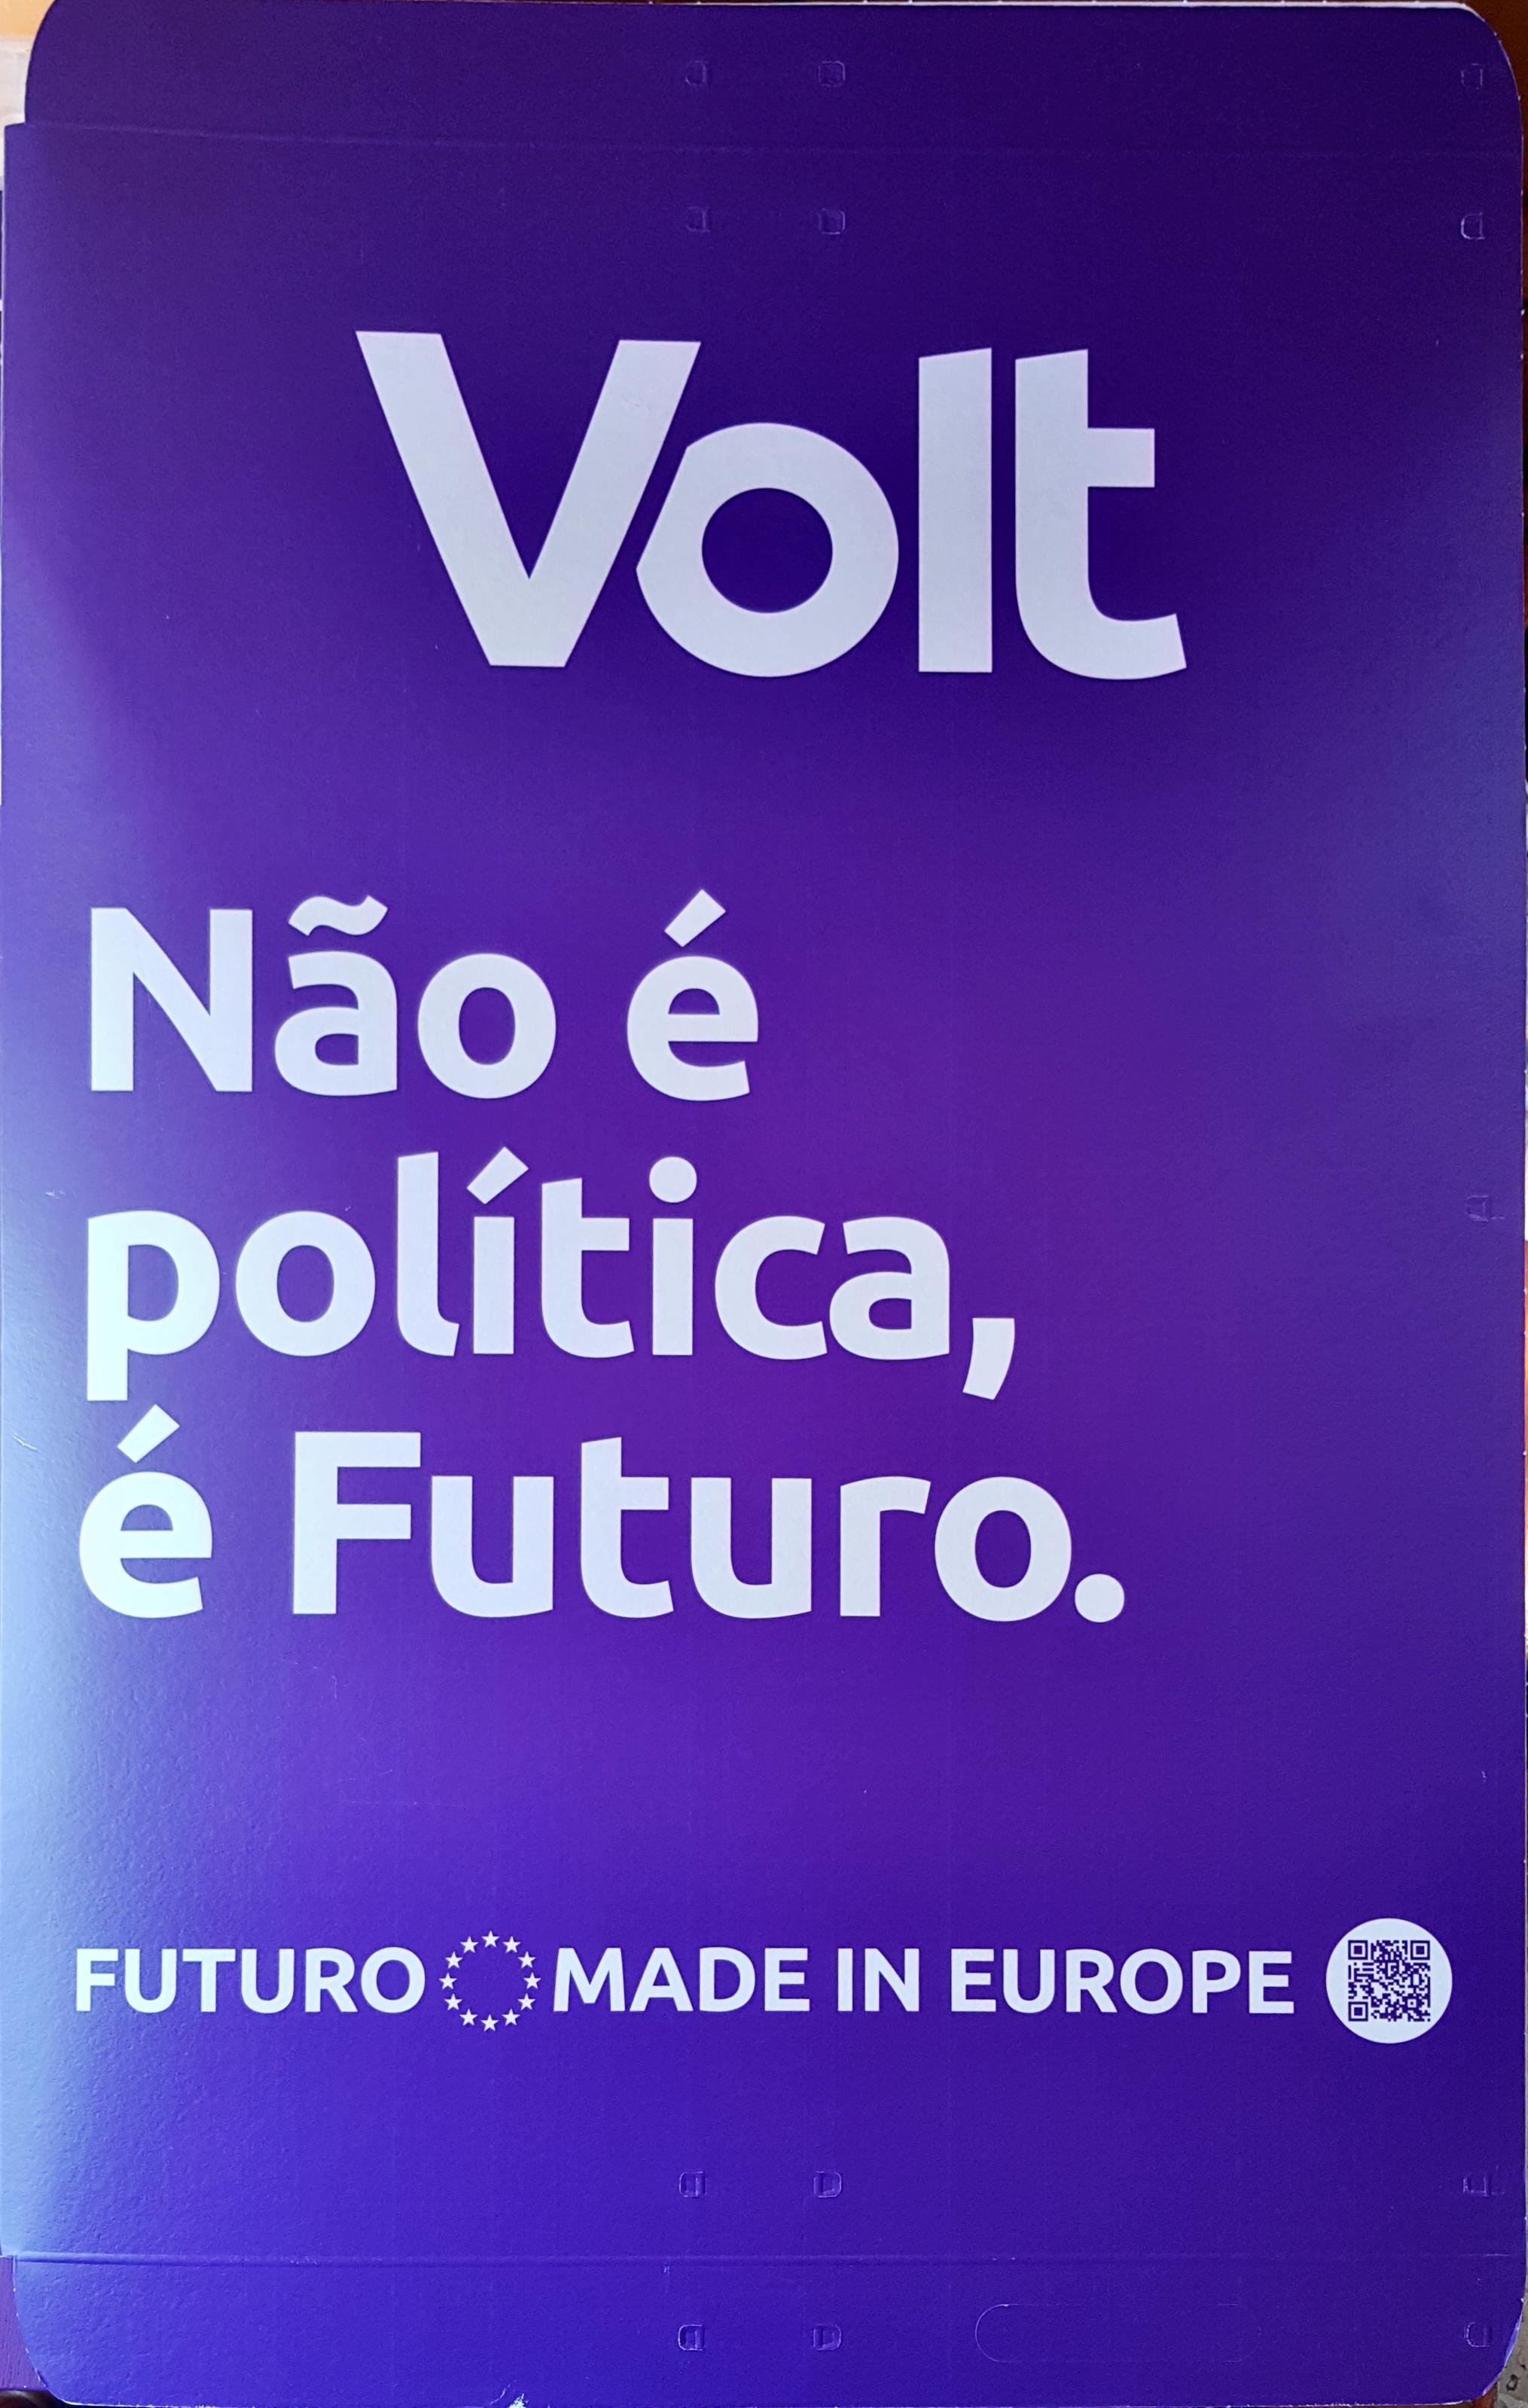 VOLT_portugal_2021_